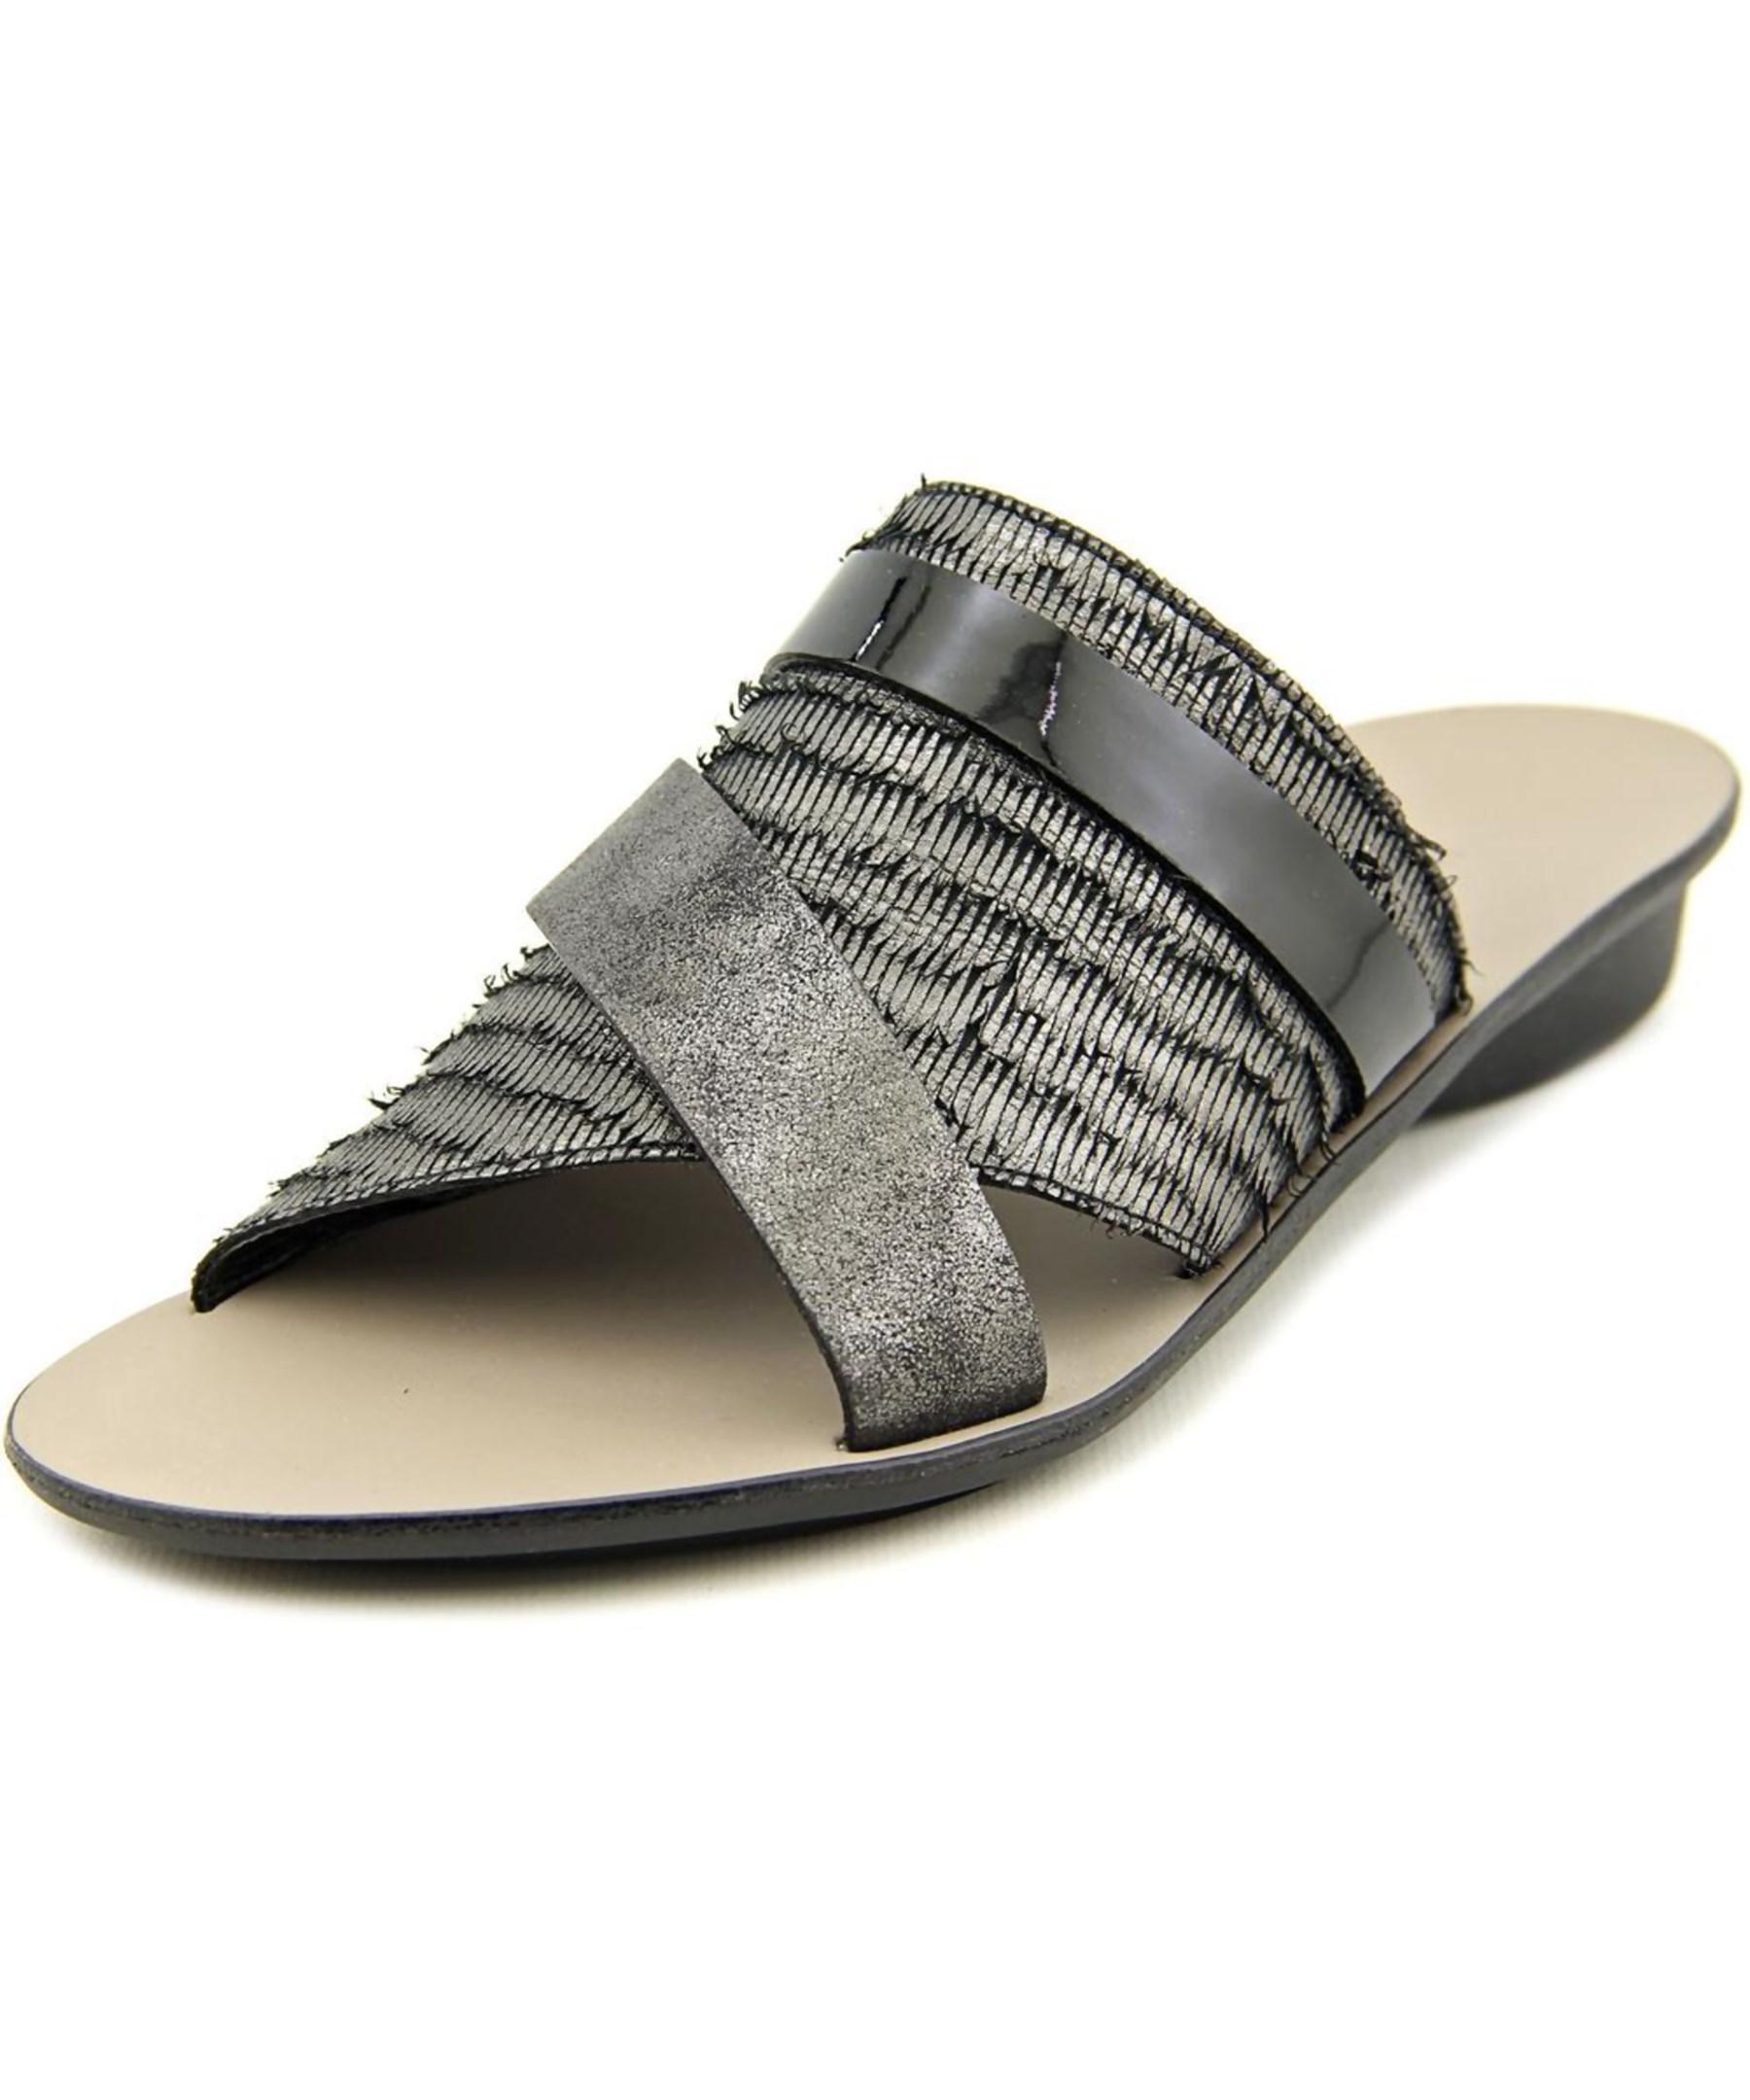 Paul Green Shoes Flats